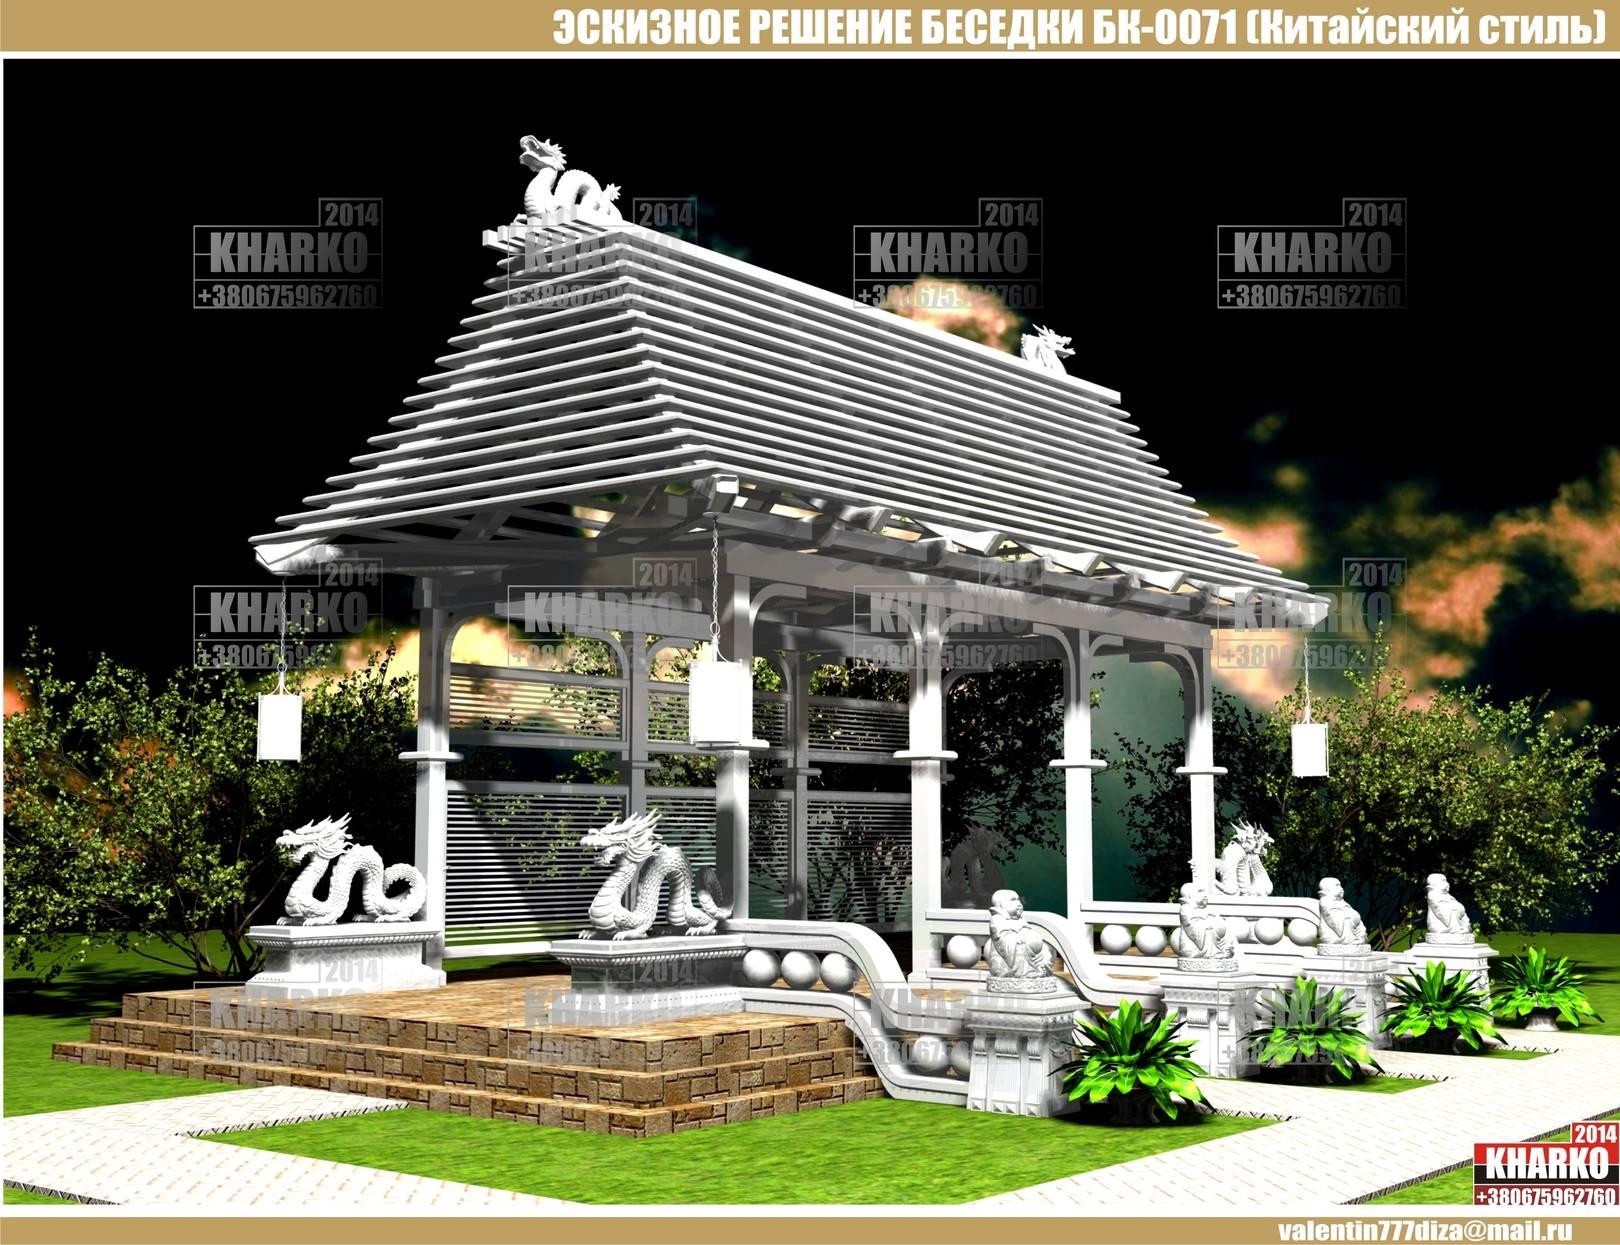 проект беседки БК-0071 (китайский стиль), project pergola, gazebo, shed  общая площадь беседки- 36,1м. кв. эксплуатируемая площадь беседки- 33,5 м.кв. габаритные размеры - 8,2 м. на 4,4 м. тип фундамента-монолитный ж/б материал наружной стены и опор, дерево тип кровли-дерево Наружная отделка цоколя -декоративный камень Стоимость проекта- 2000 грн.